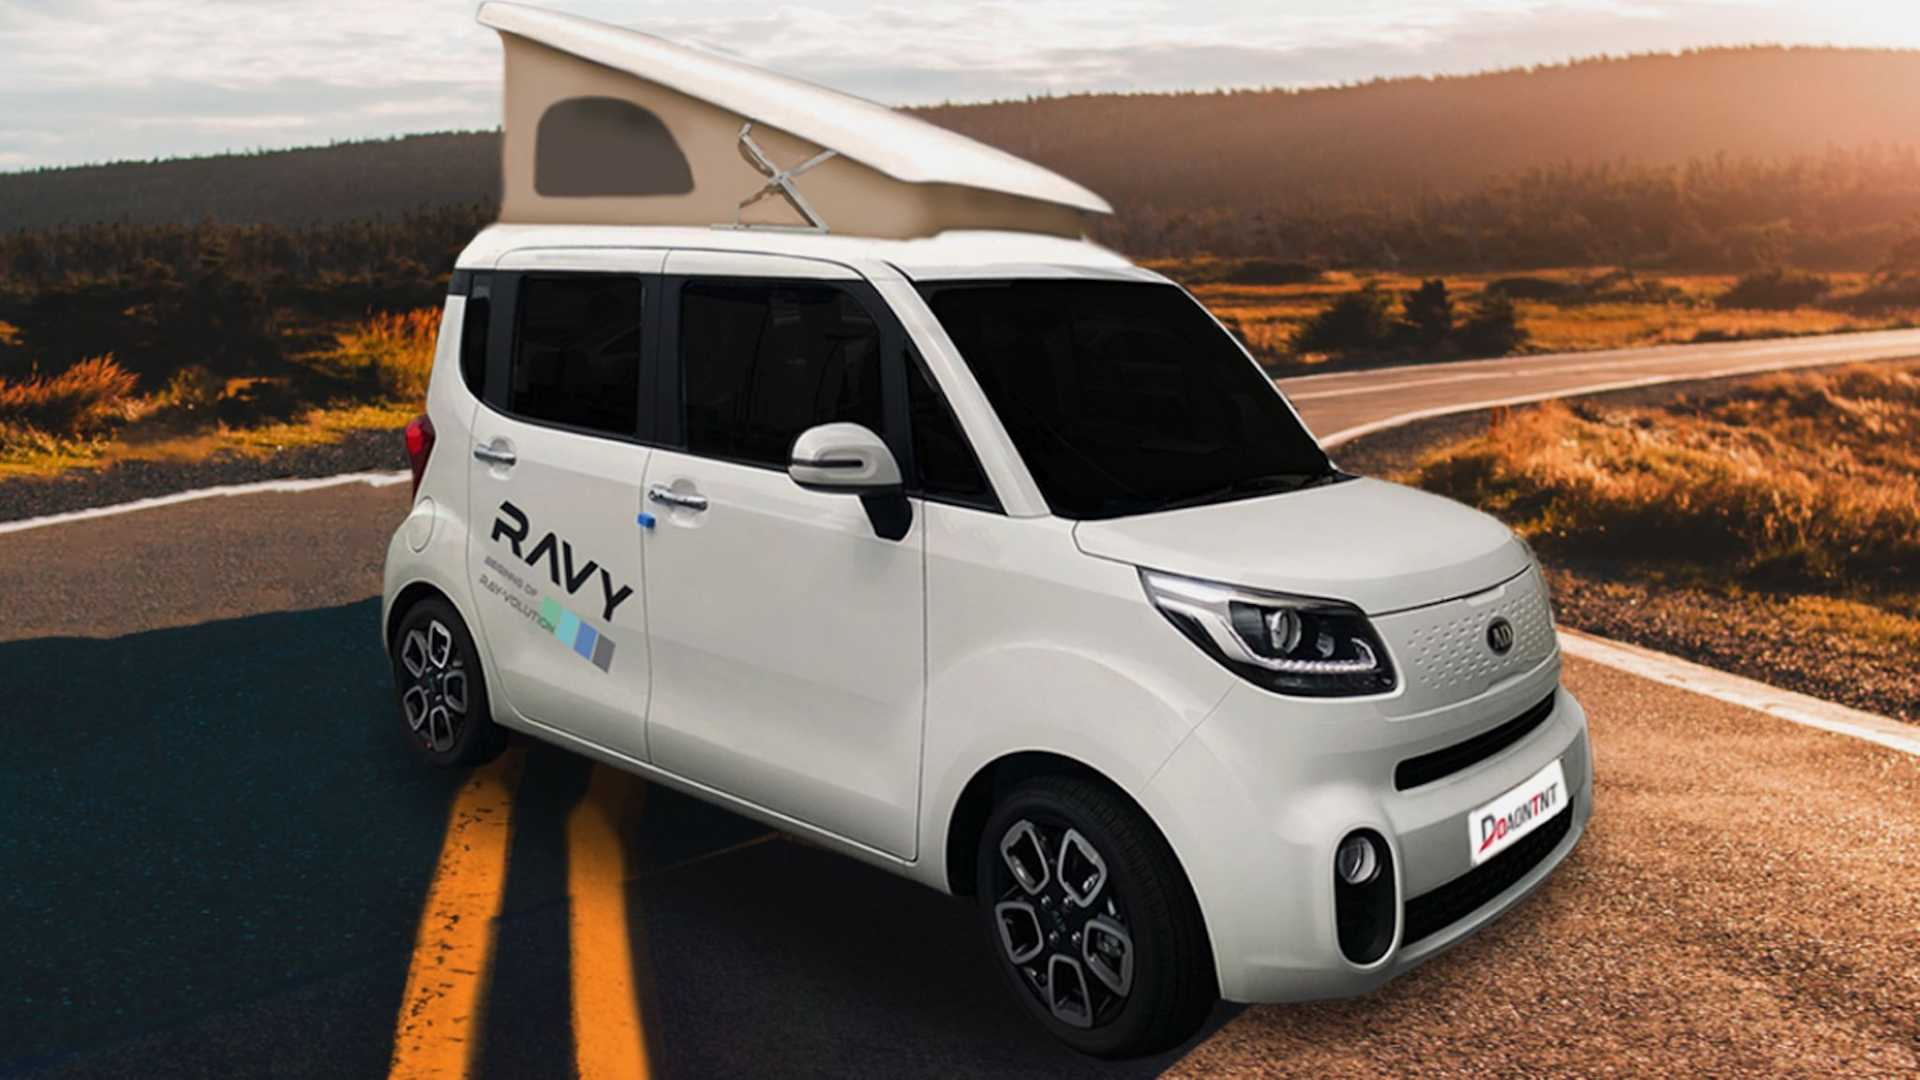 Новая разработка travel авто с сотрудничеством компании Kia